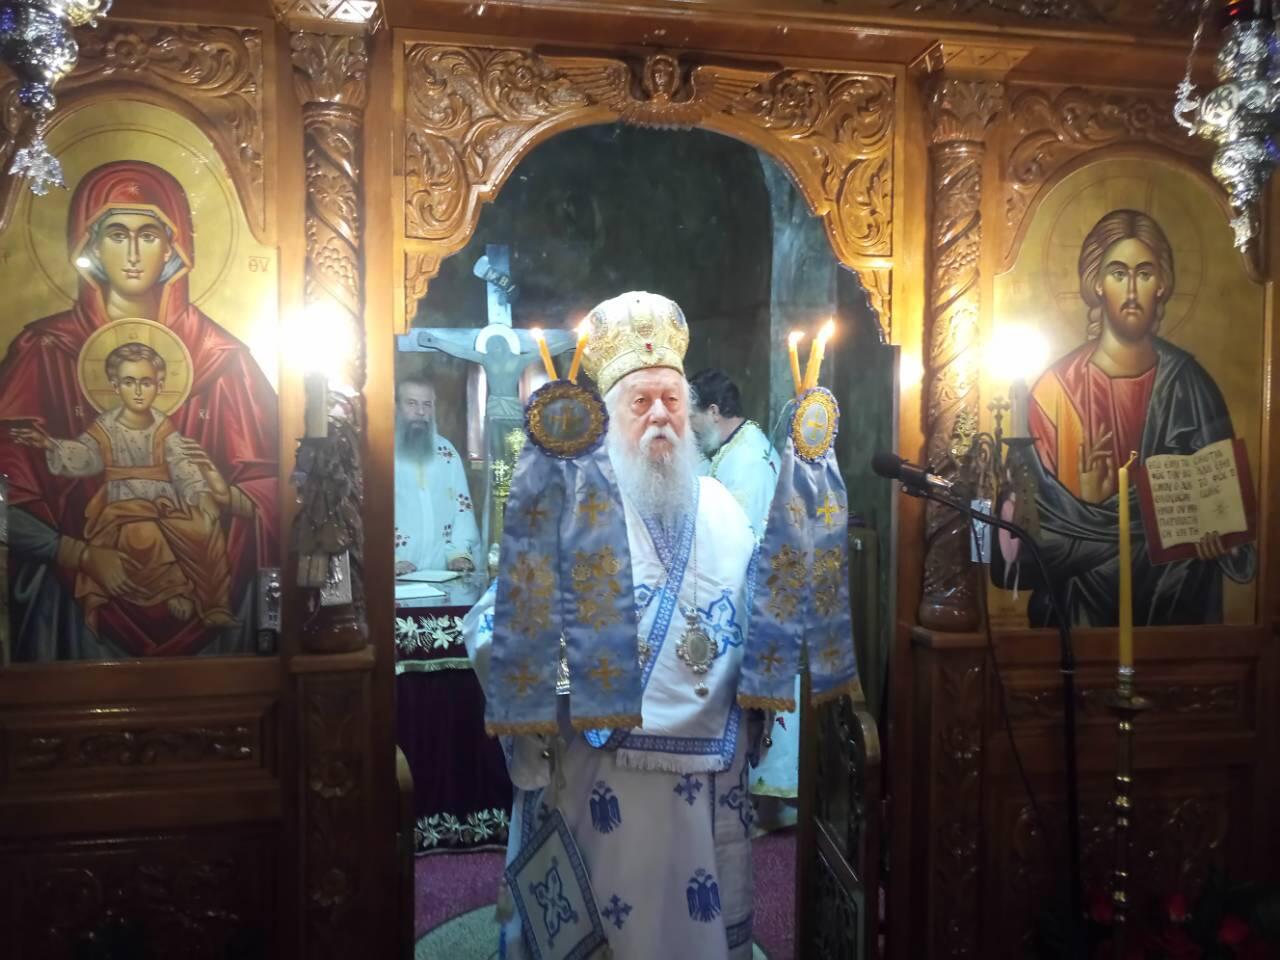 Ιερά Μονή Ραγιού: Πλήθος πιστών στην απόδοση της Εορτής της Κοιμήσεως της Θεοτόκου